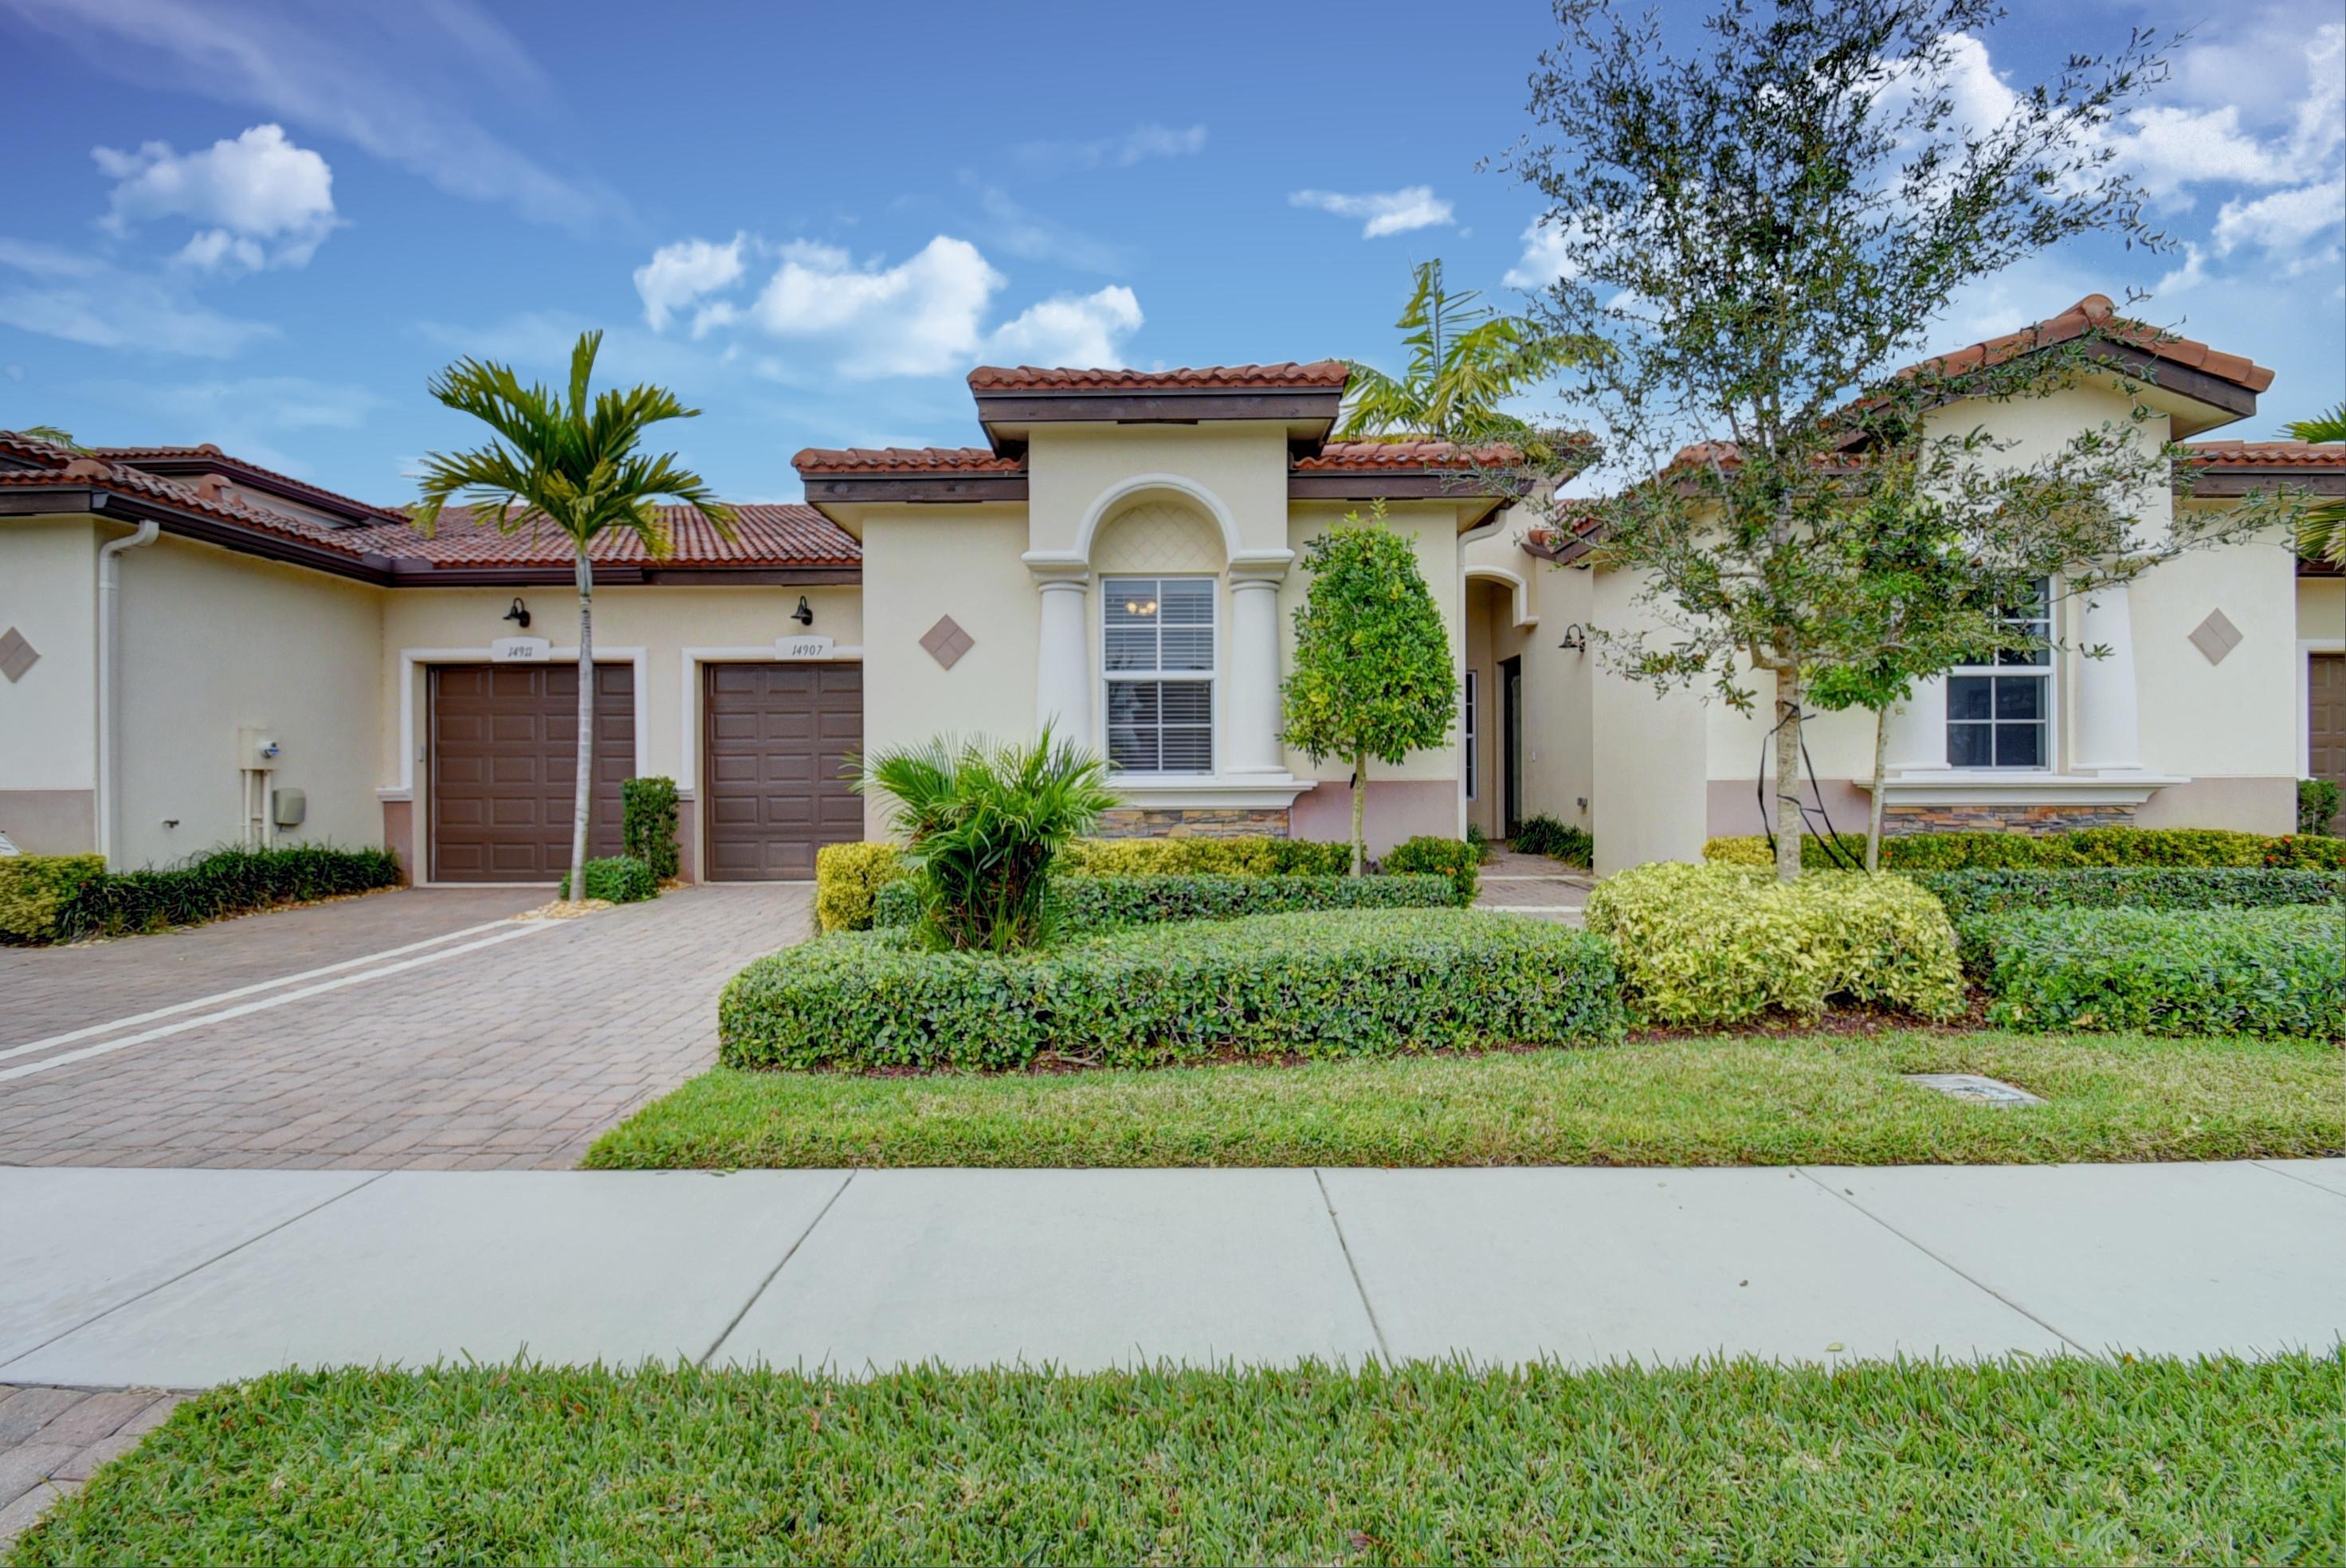 VILLAGGIO RESERVE home 14907 Barletta Way Delray Beach FL 33446